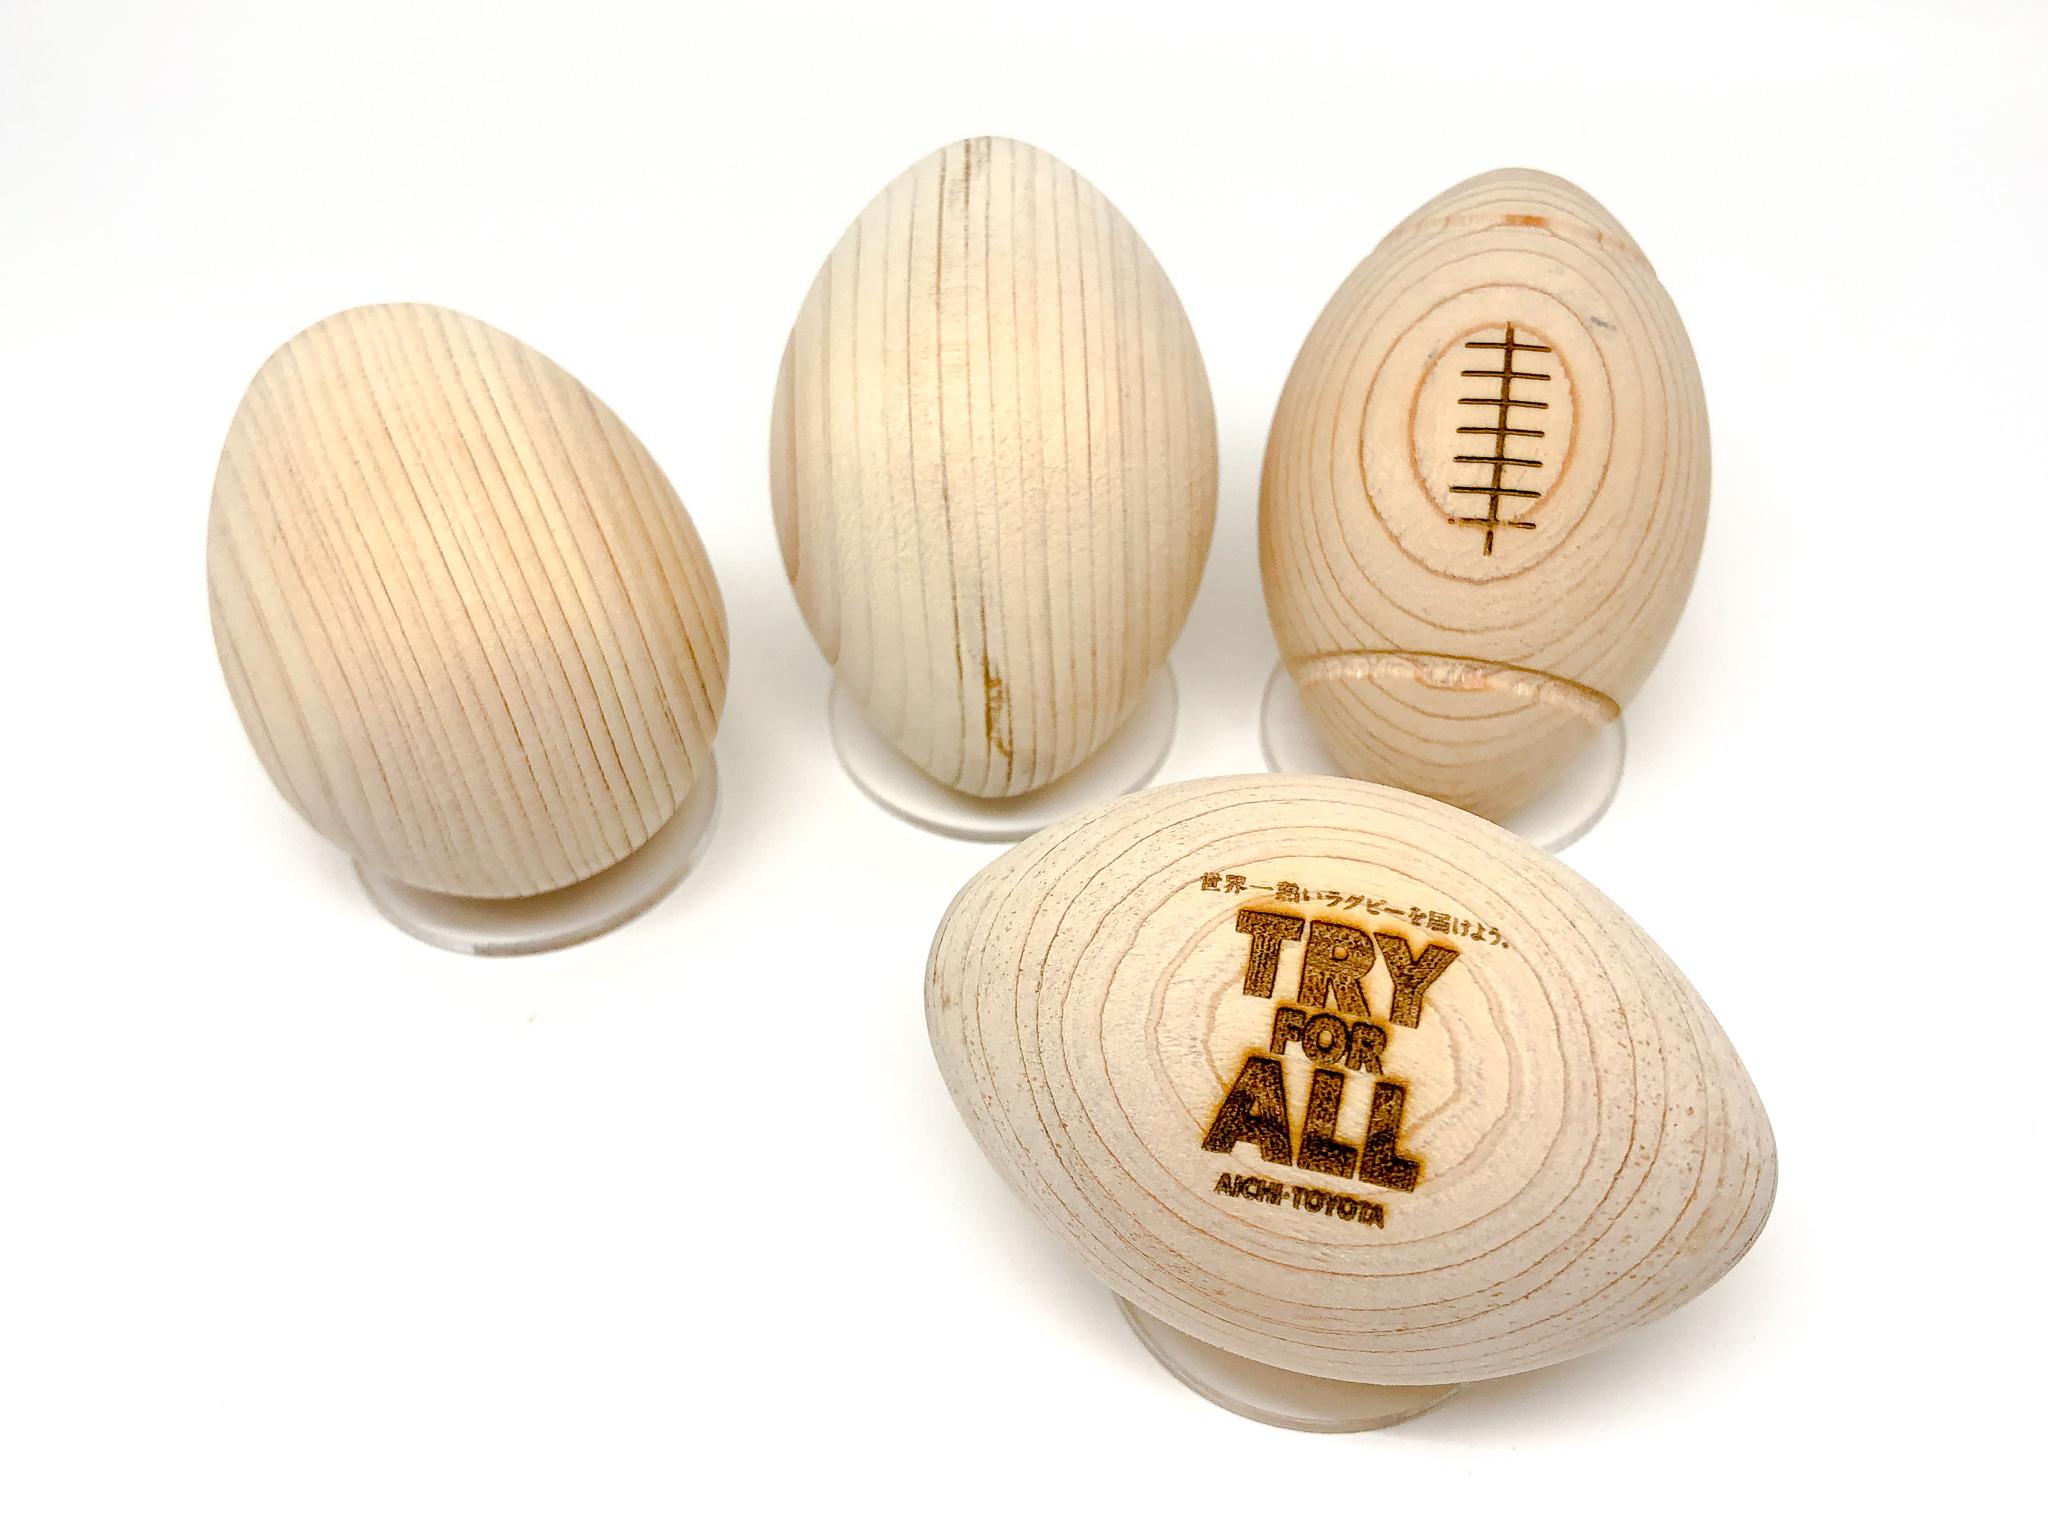 地域材料を使ったものづくり 豊田ヒノキのラグビーボール